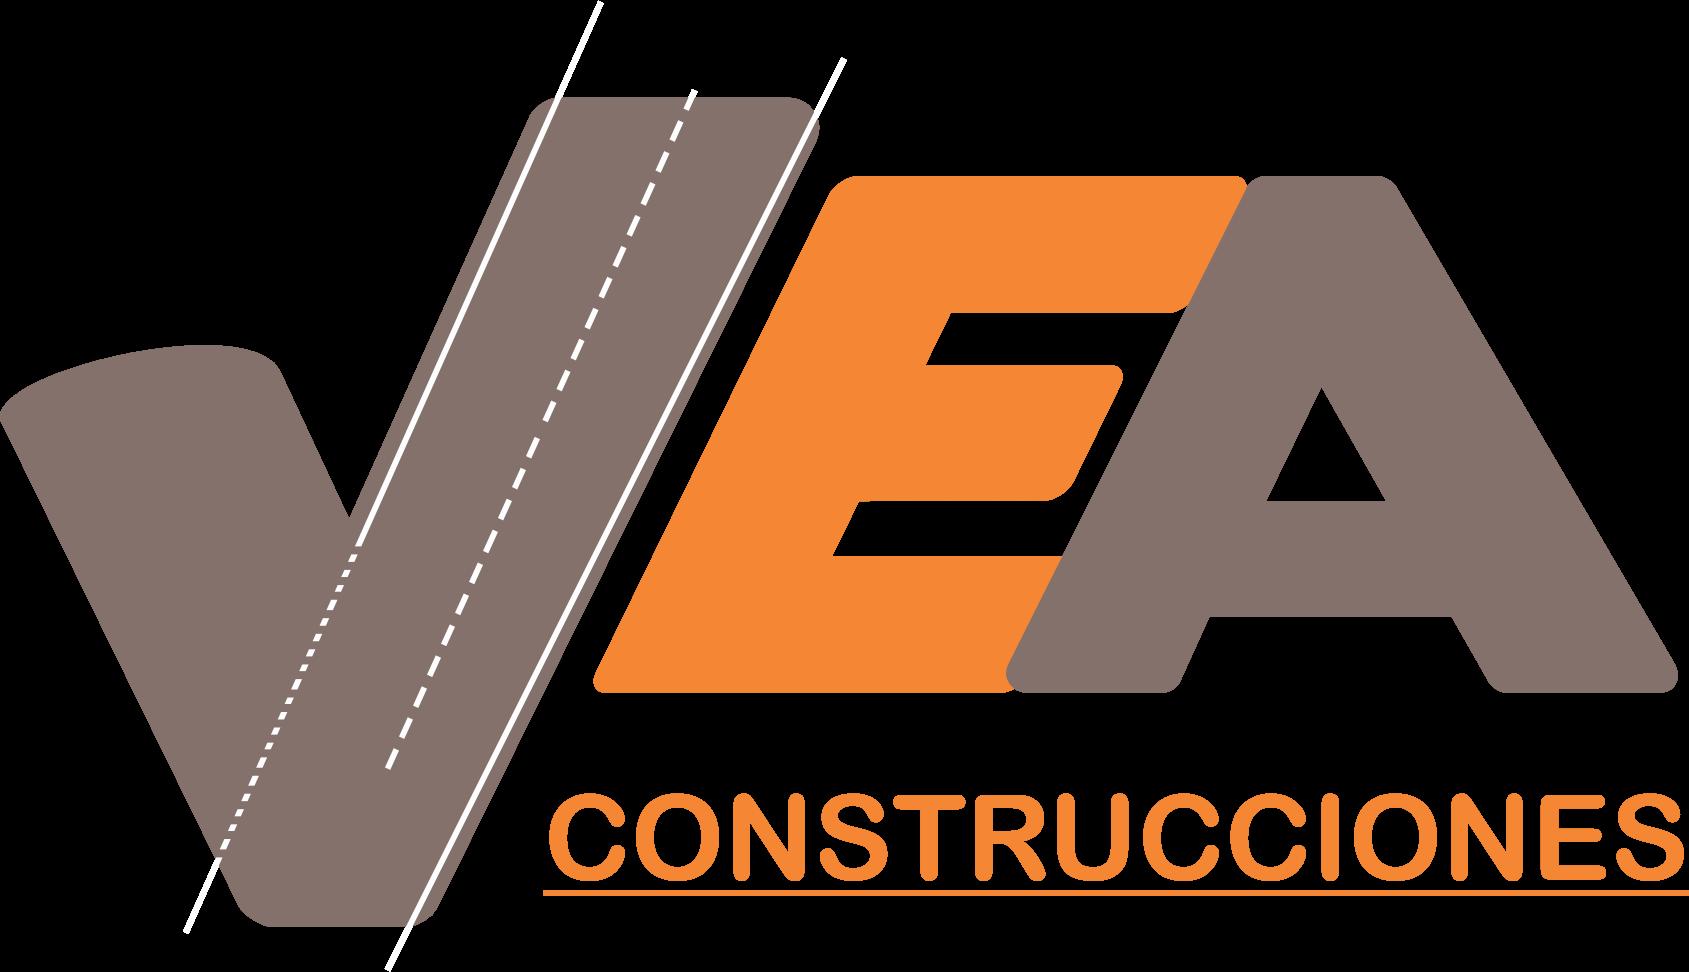 Presentacion vea construcciones on emaze for Construccion empresa